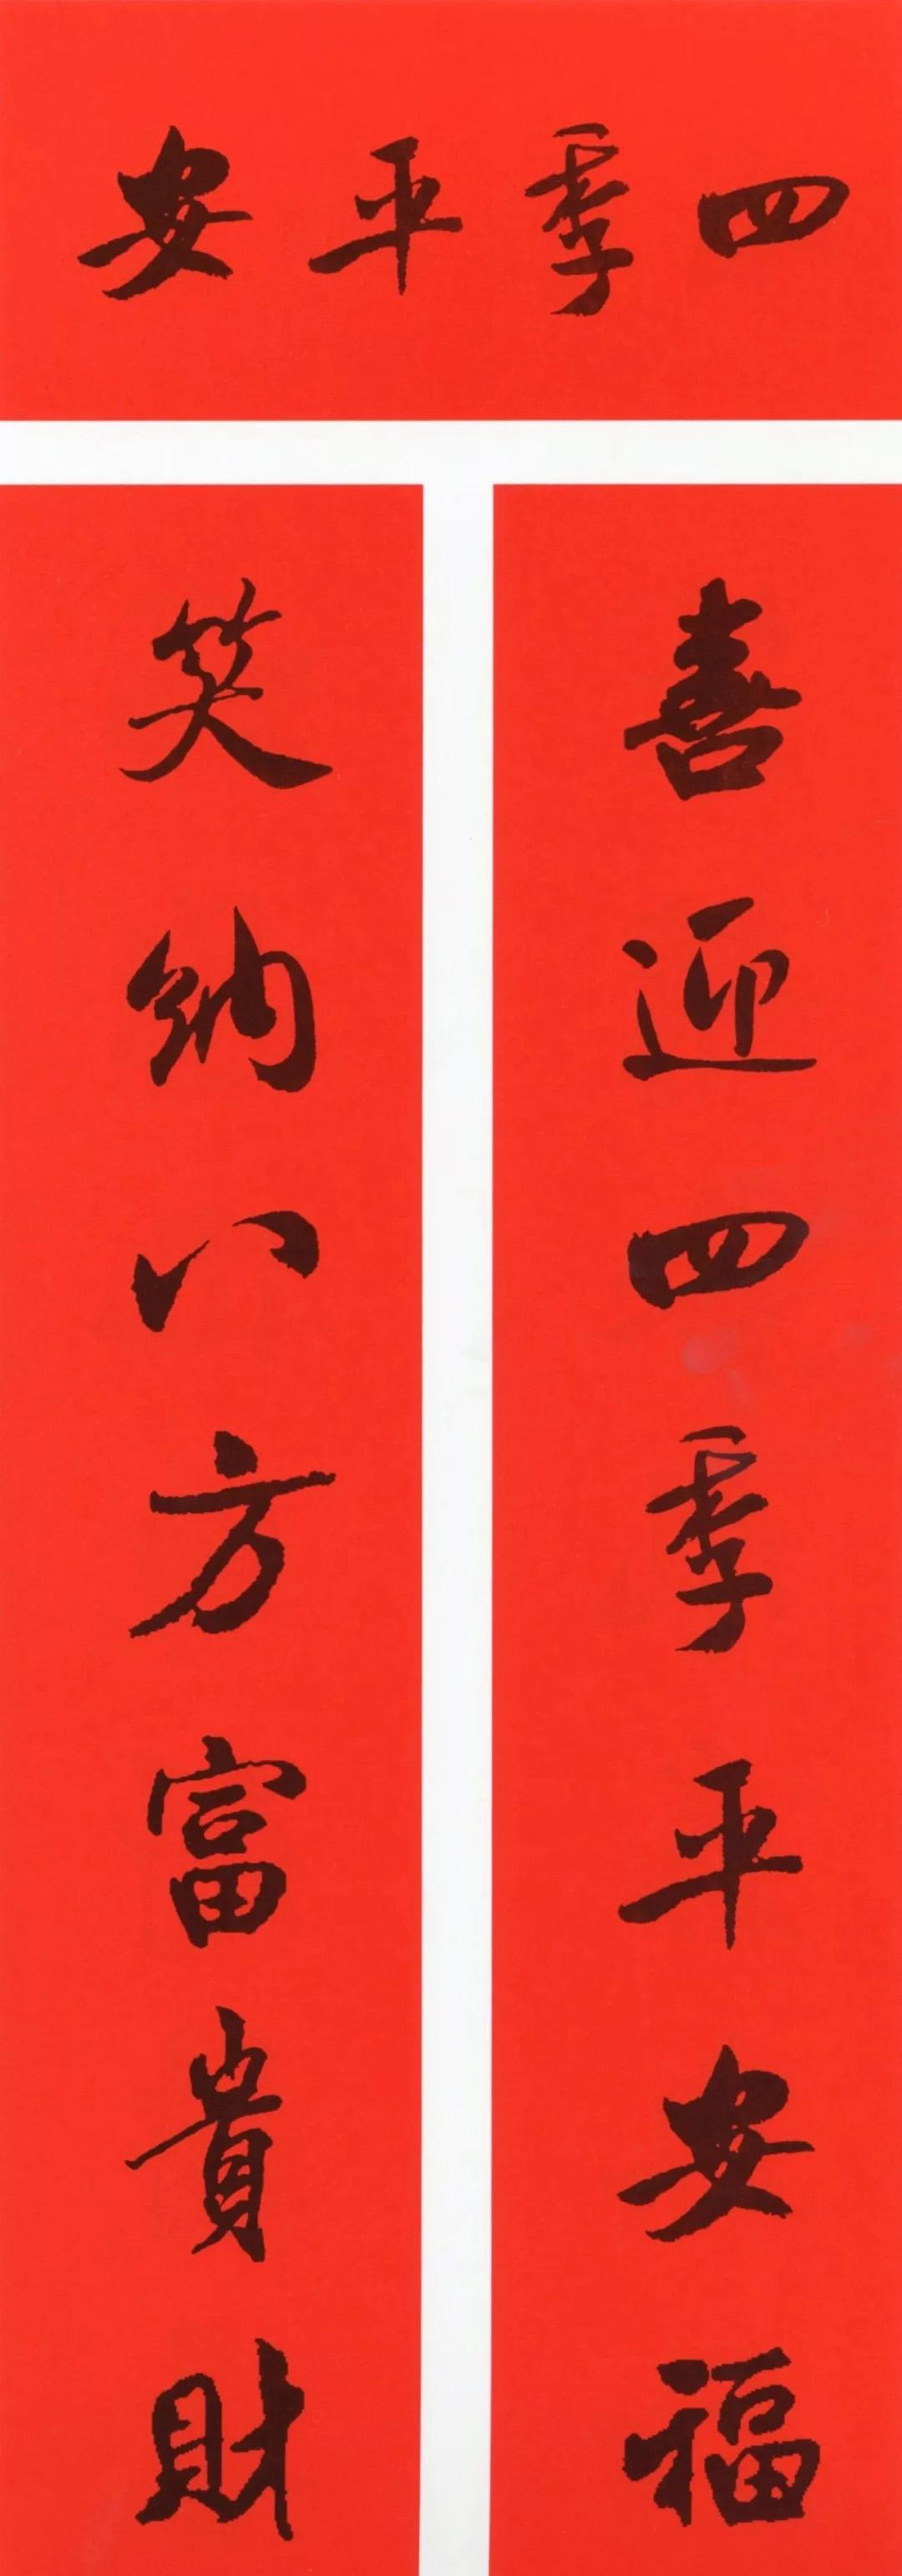 米芾行书集字春联(带横批)